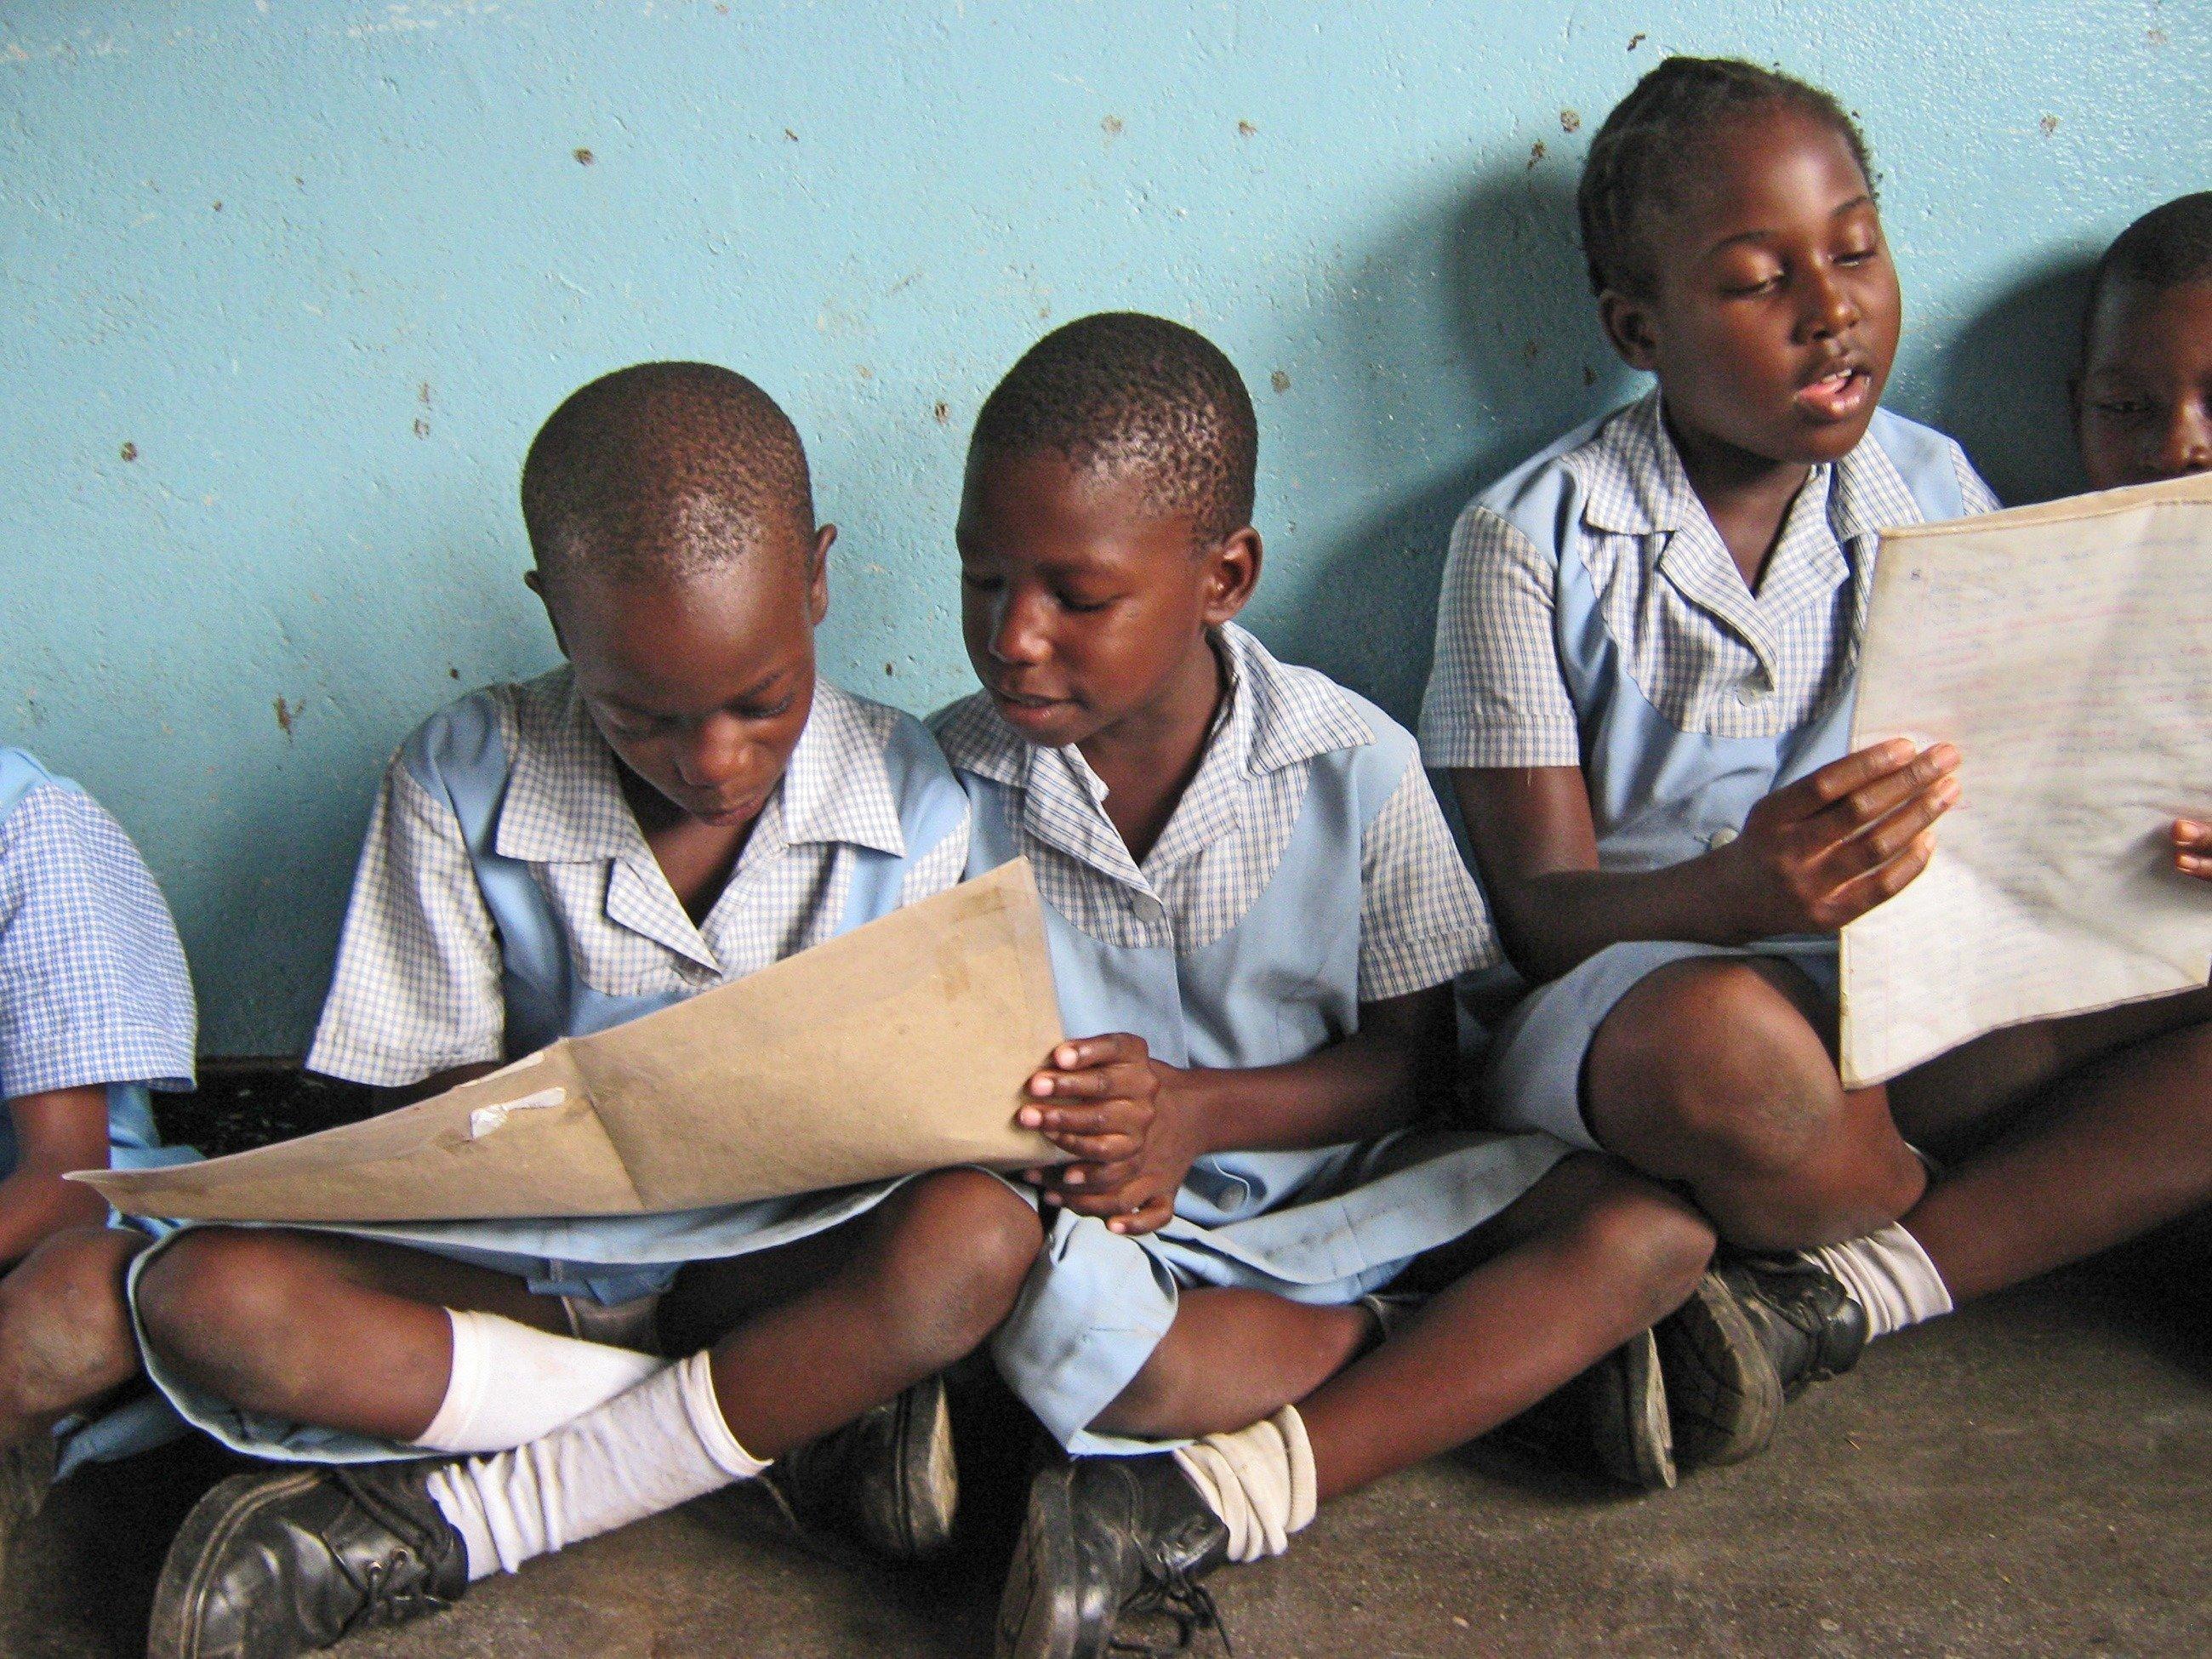 Mädchen in blauen Kleider lesen in einem Heft.